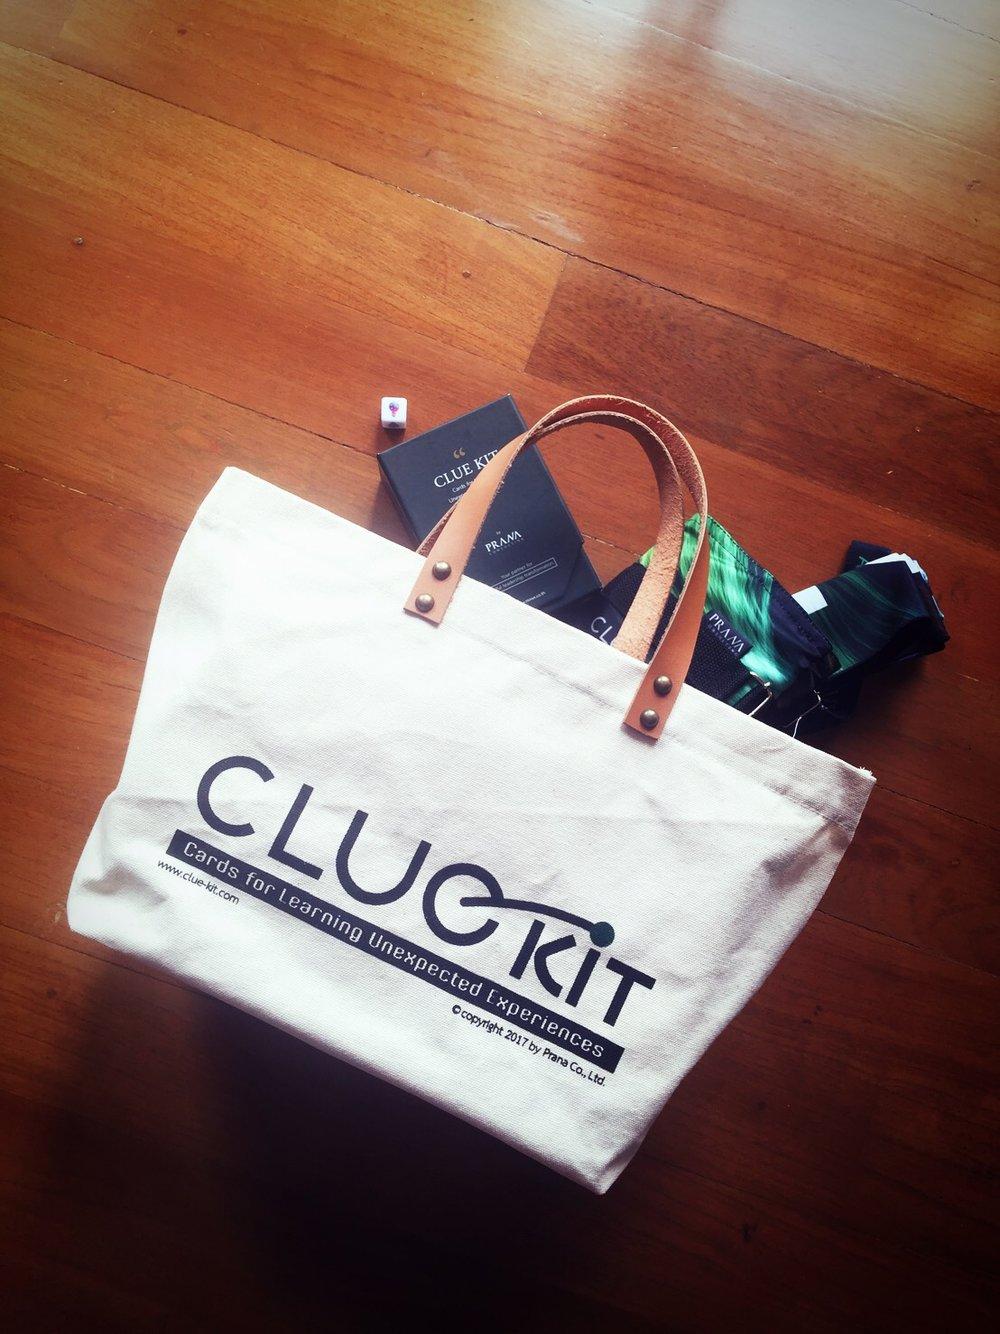 cluekit bag.jpg